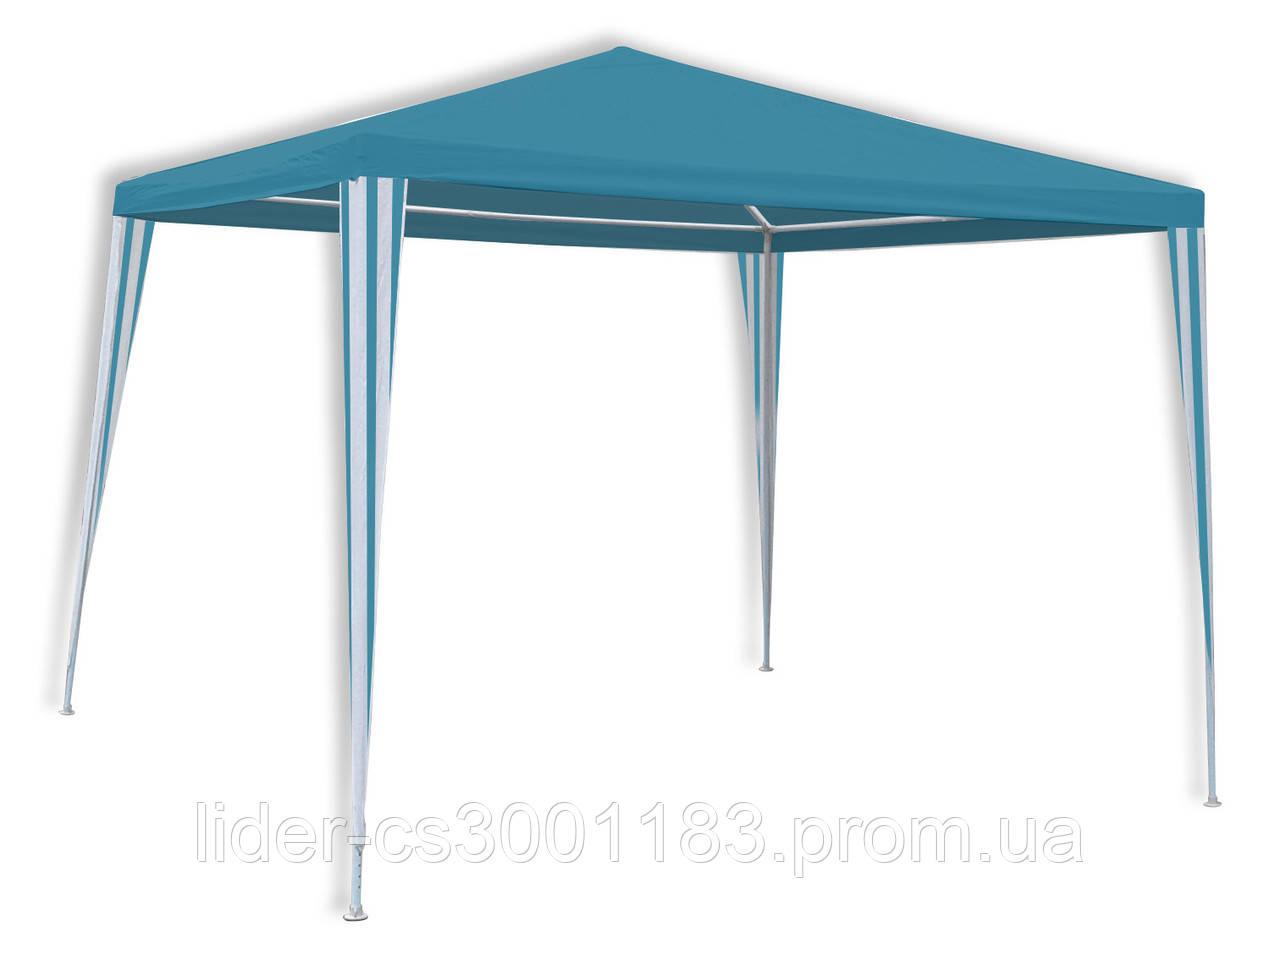 Садовый павильон шатер тент навес Ranger LP 083